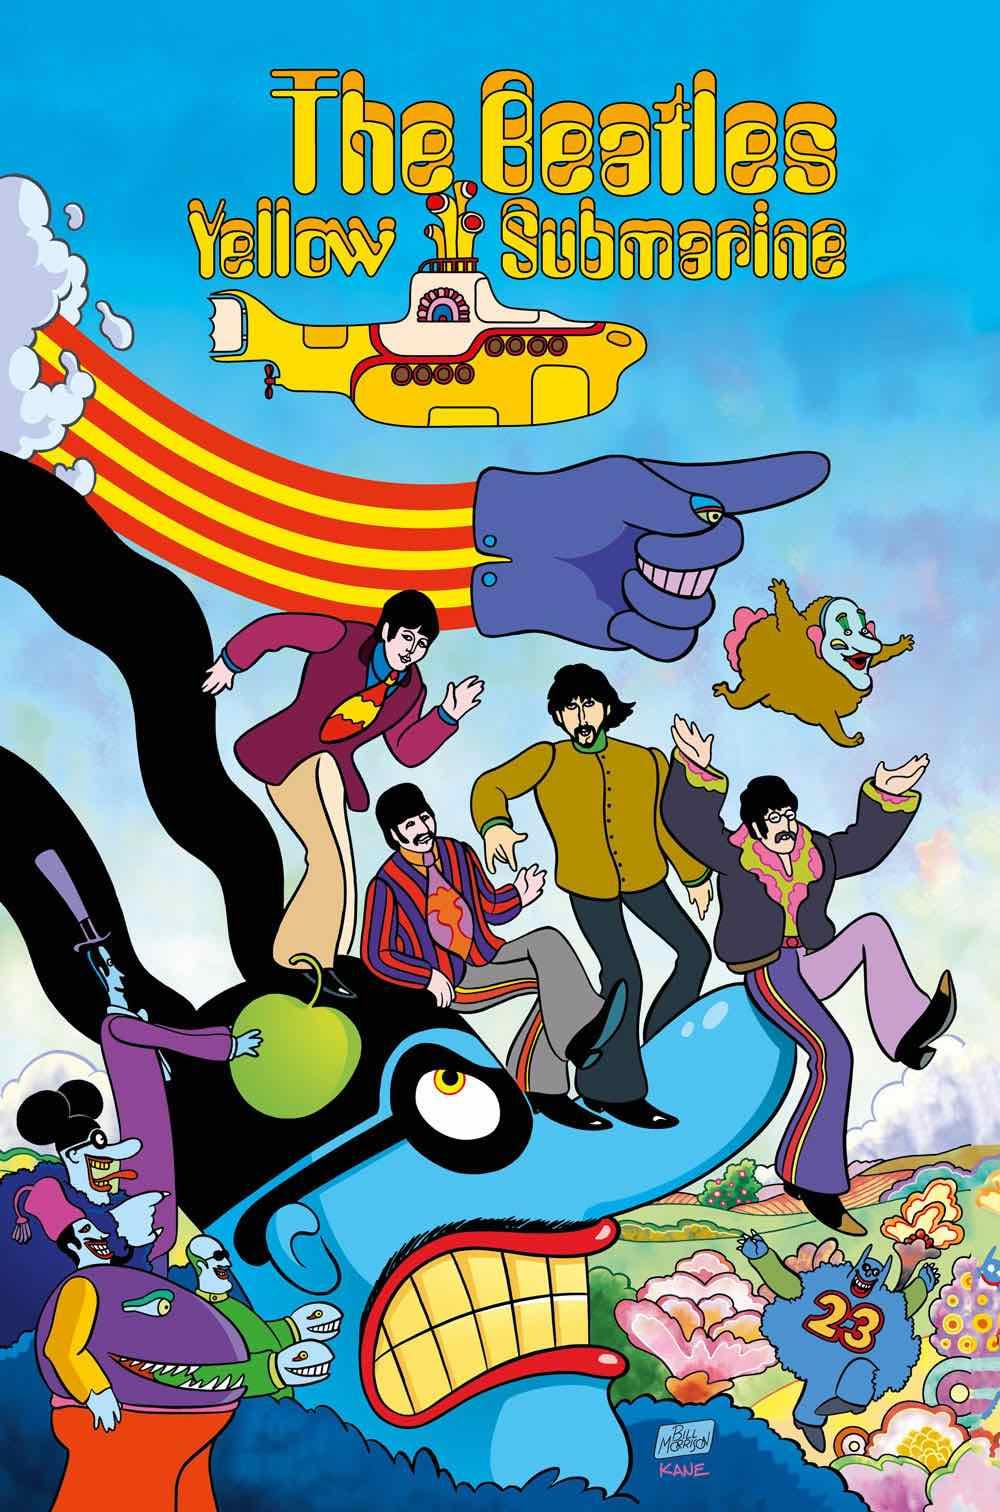 The Beatles Yellow Submarine.jpg